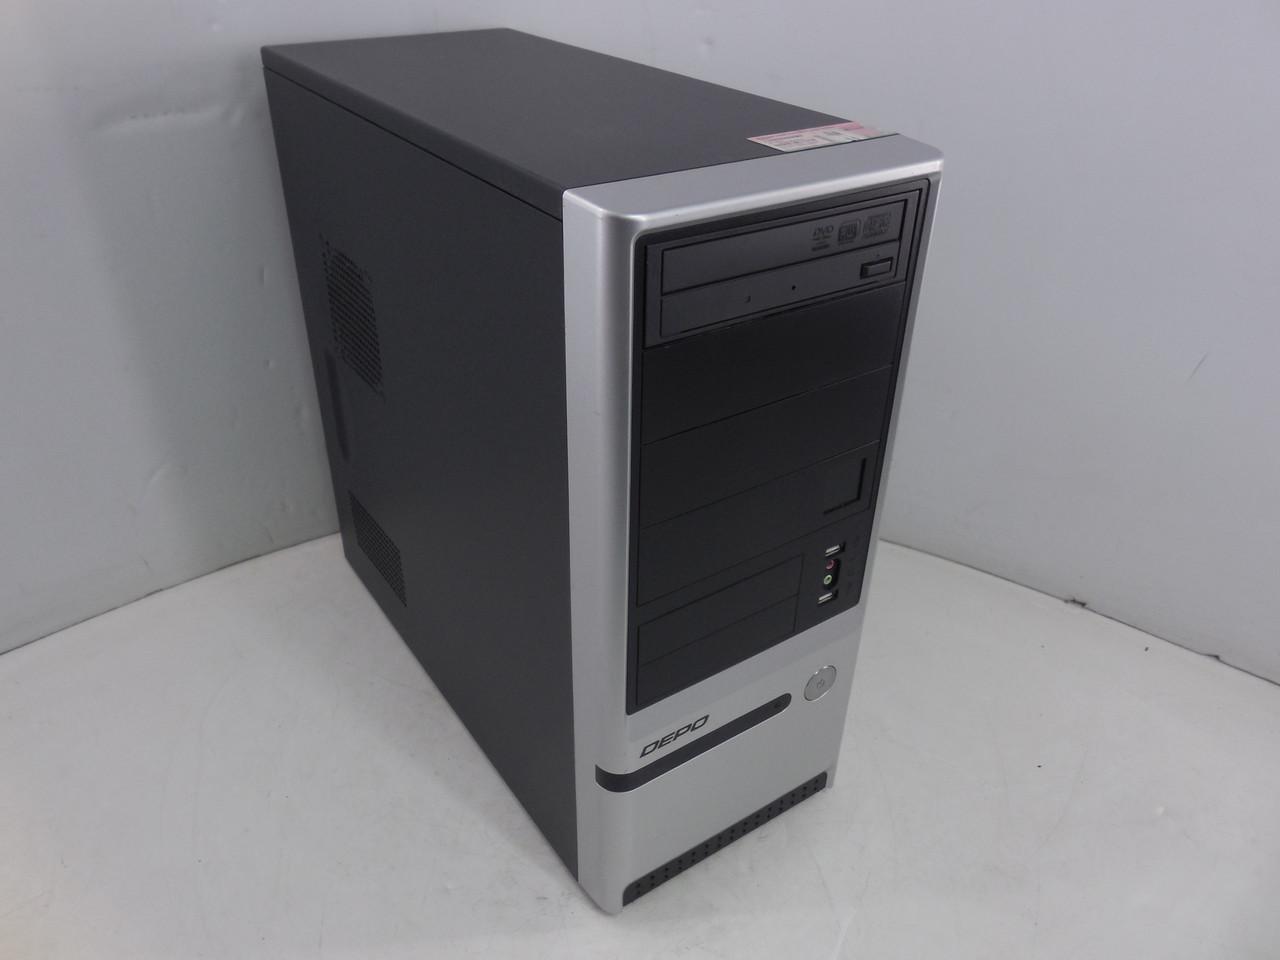 Системный блок, компьютер, Intel Core i3 2120, 4 ядра по 3,2 ГГц, 16 Гб ОЗУ DDR-3, SSD 240 Гб, видео 1 Гб